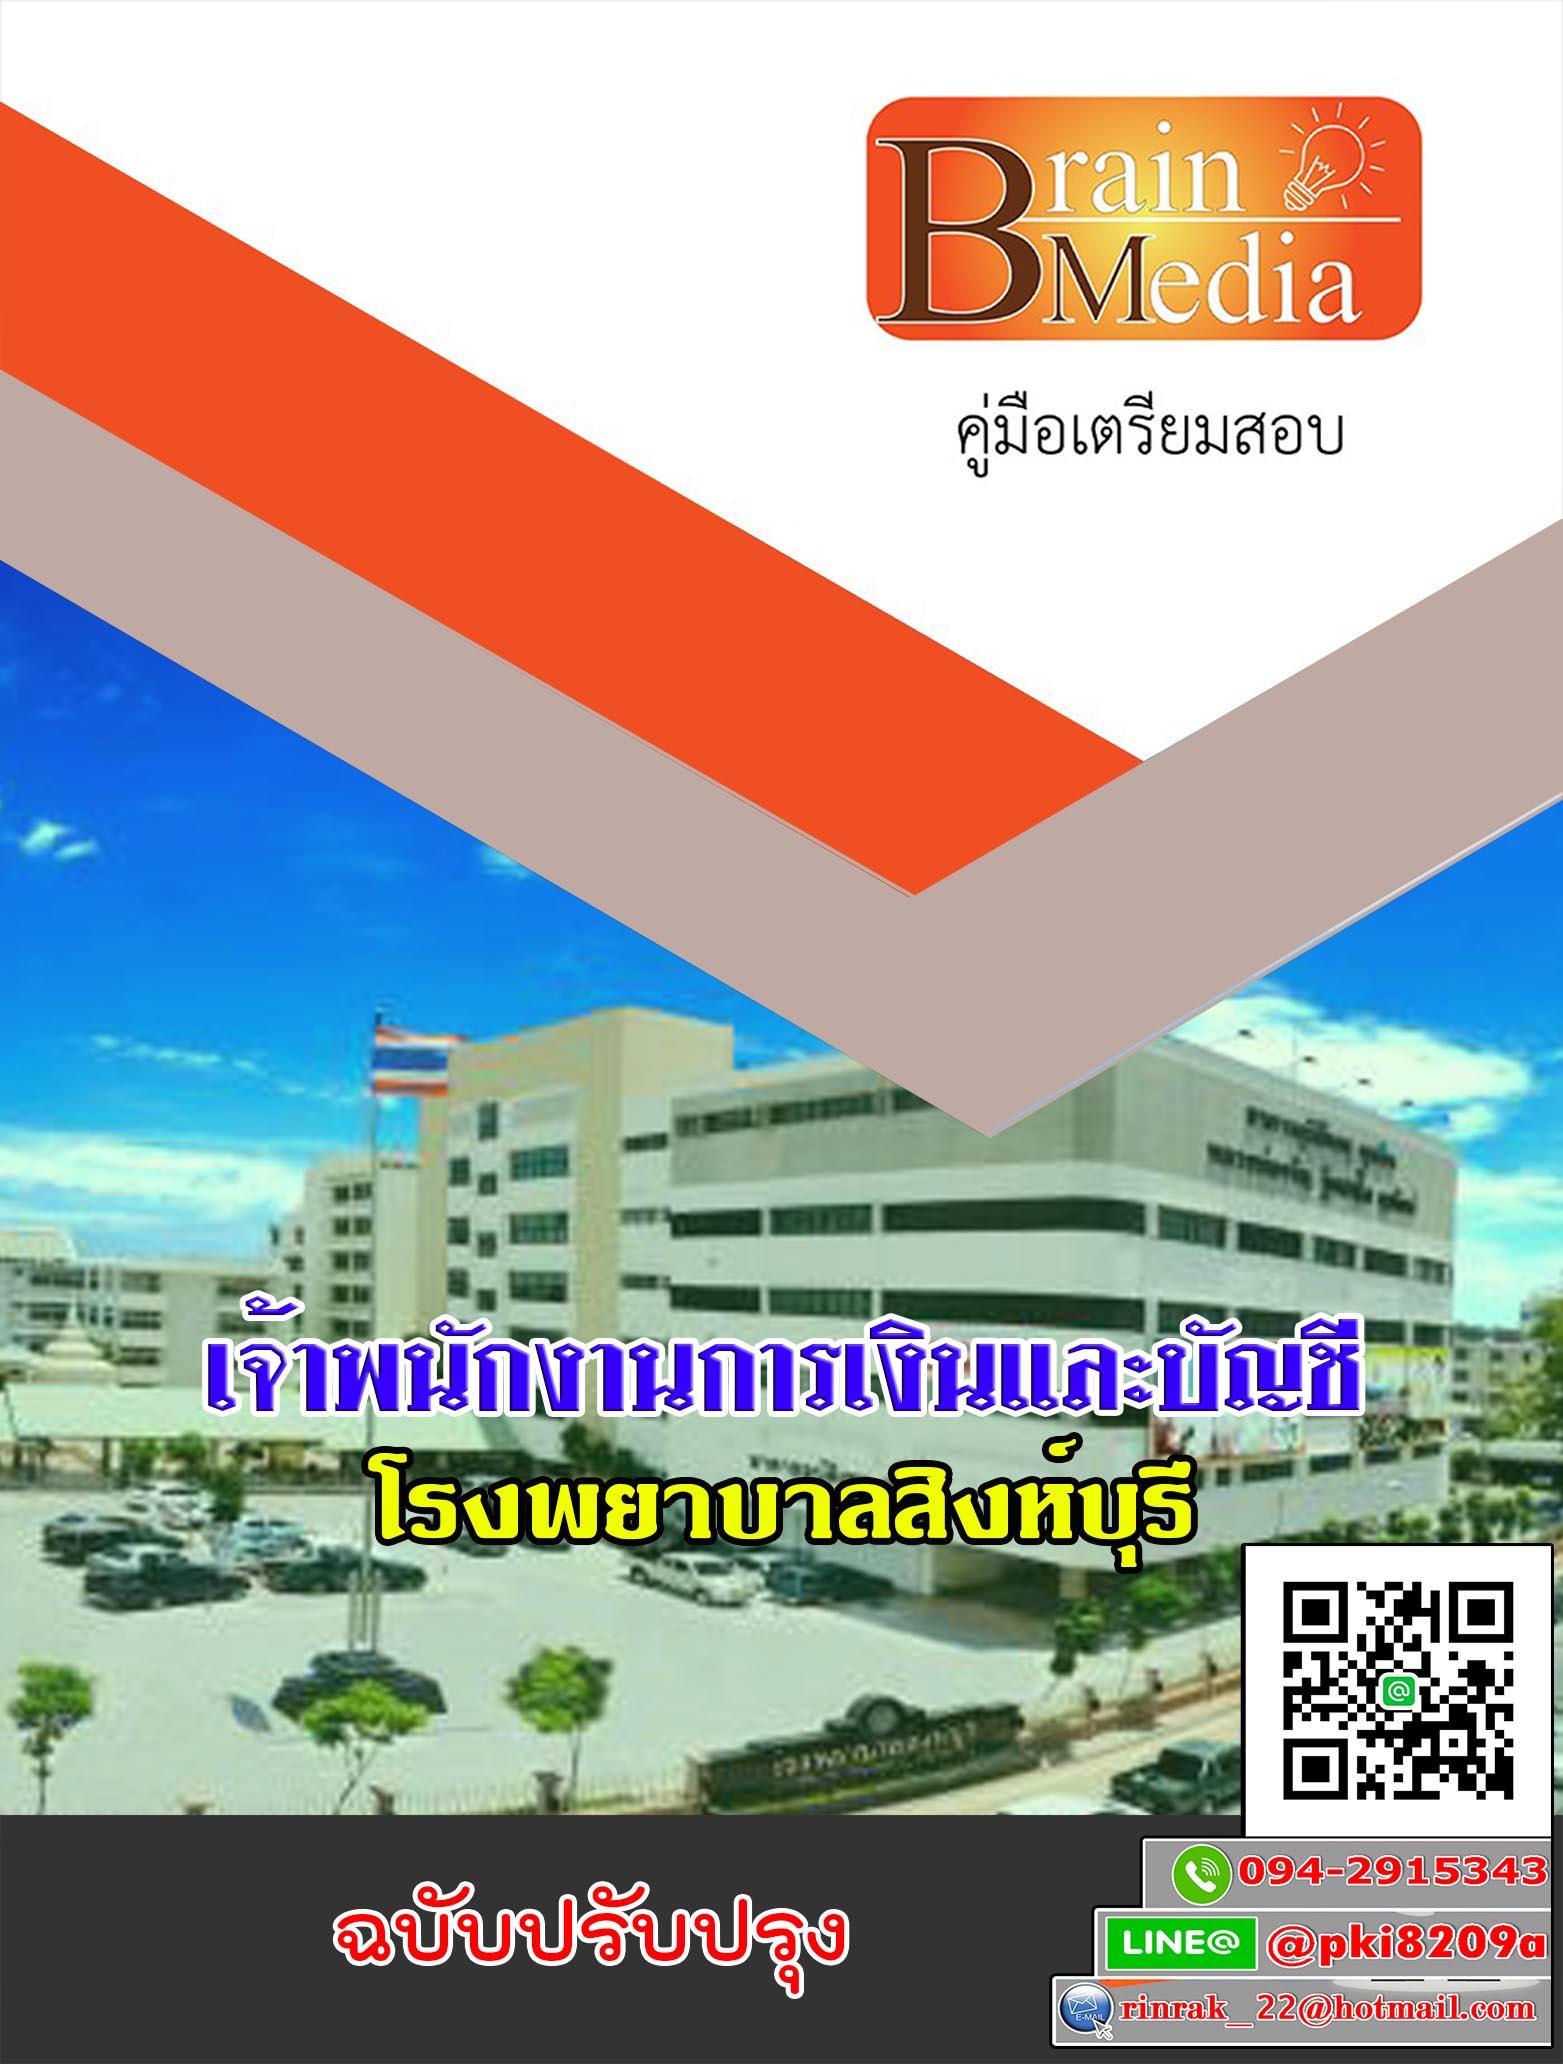 แนวข้อสอบ เจ้าพนักงานการเงินและบัญชี โรงพยาบาลสิงห์บุรี